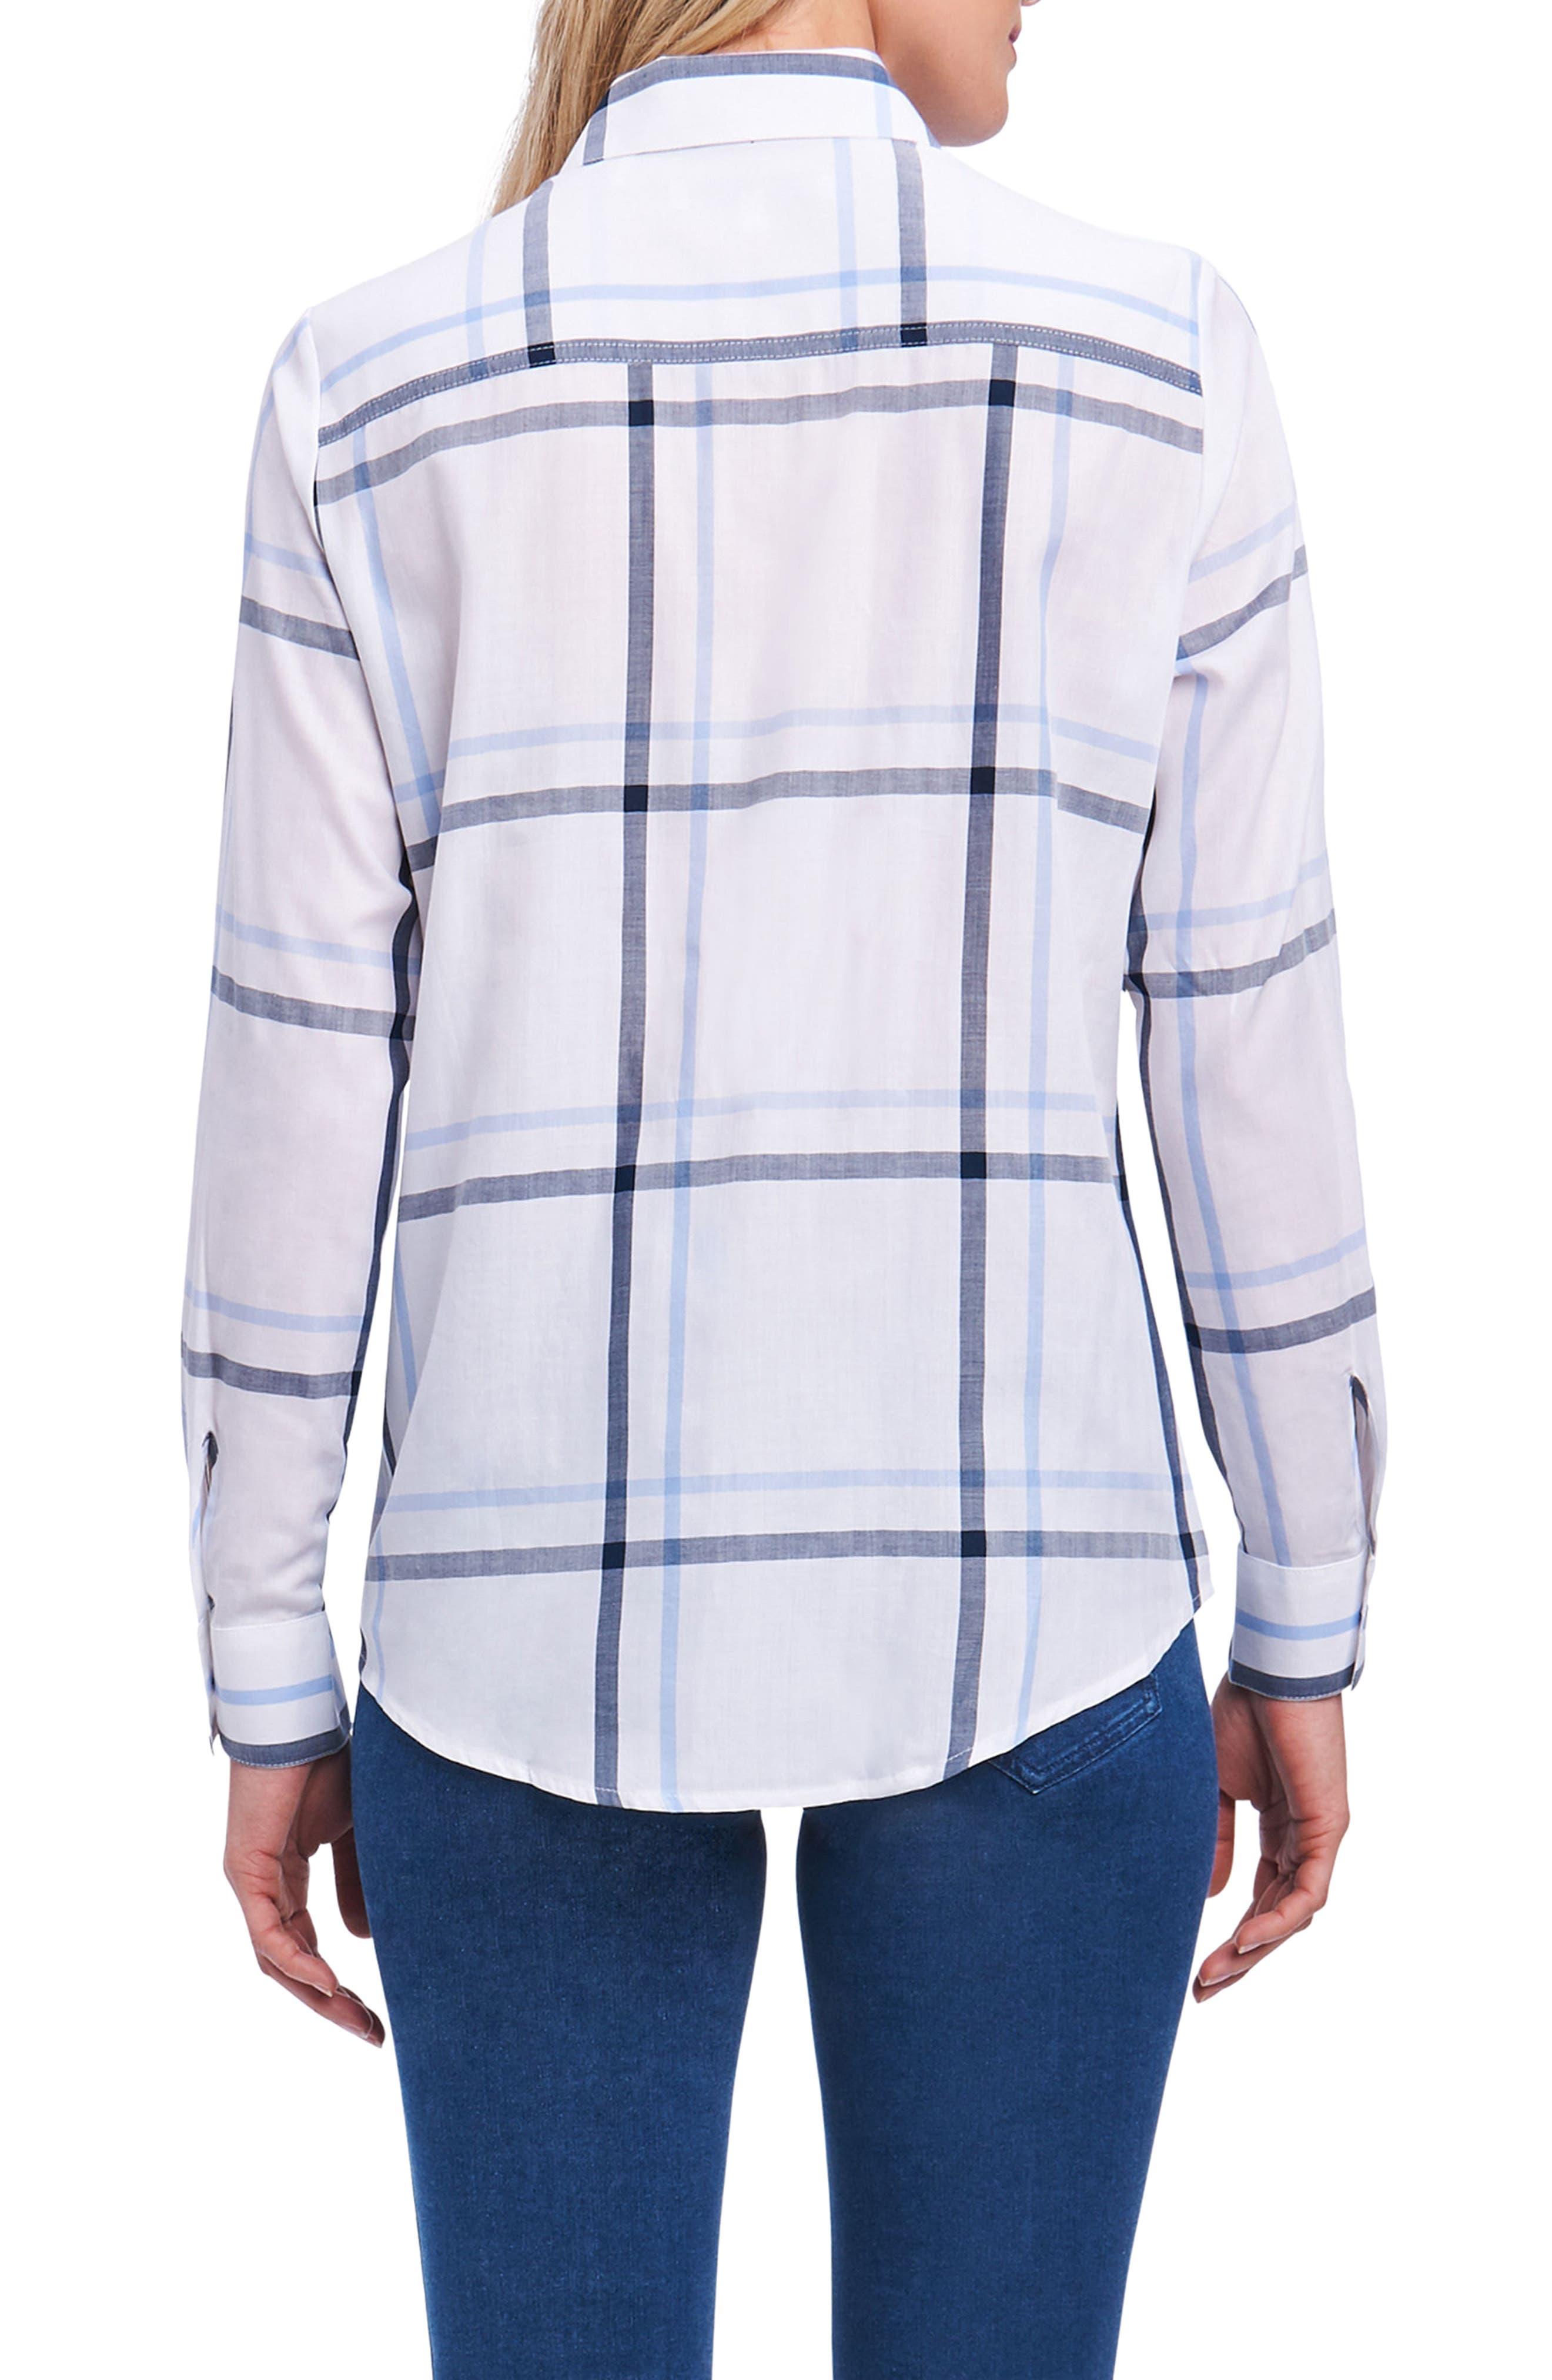 FOXCROFT,                             Coralie Plaid Woven Shirt,                             Alternate thumbnail 2, color,                             457